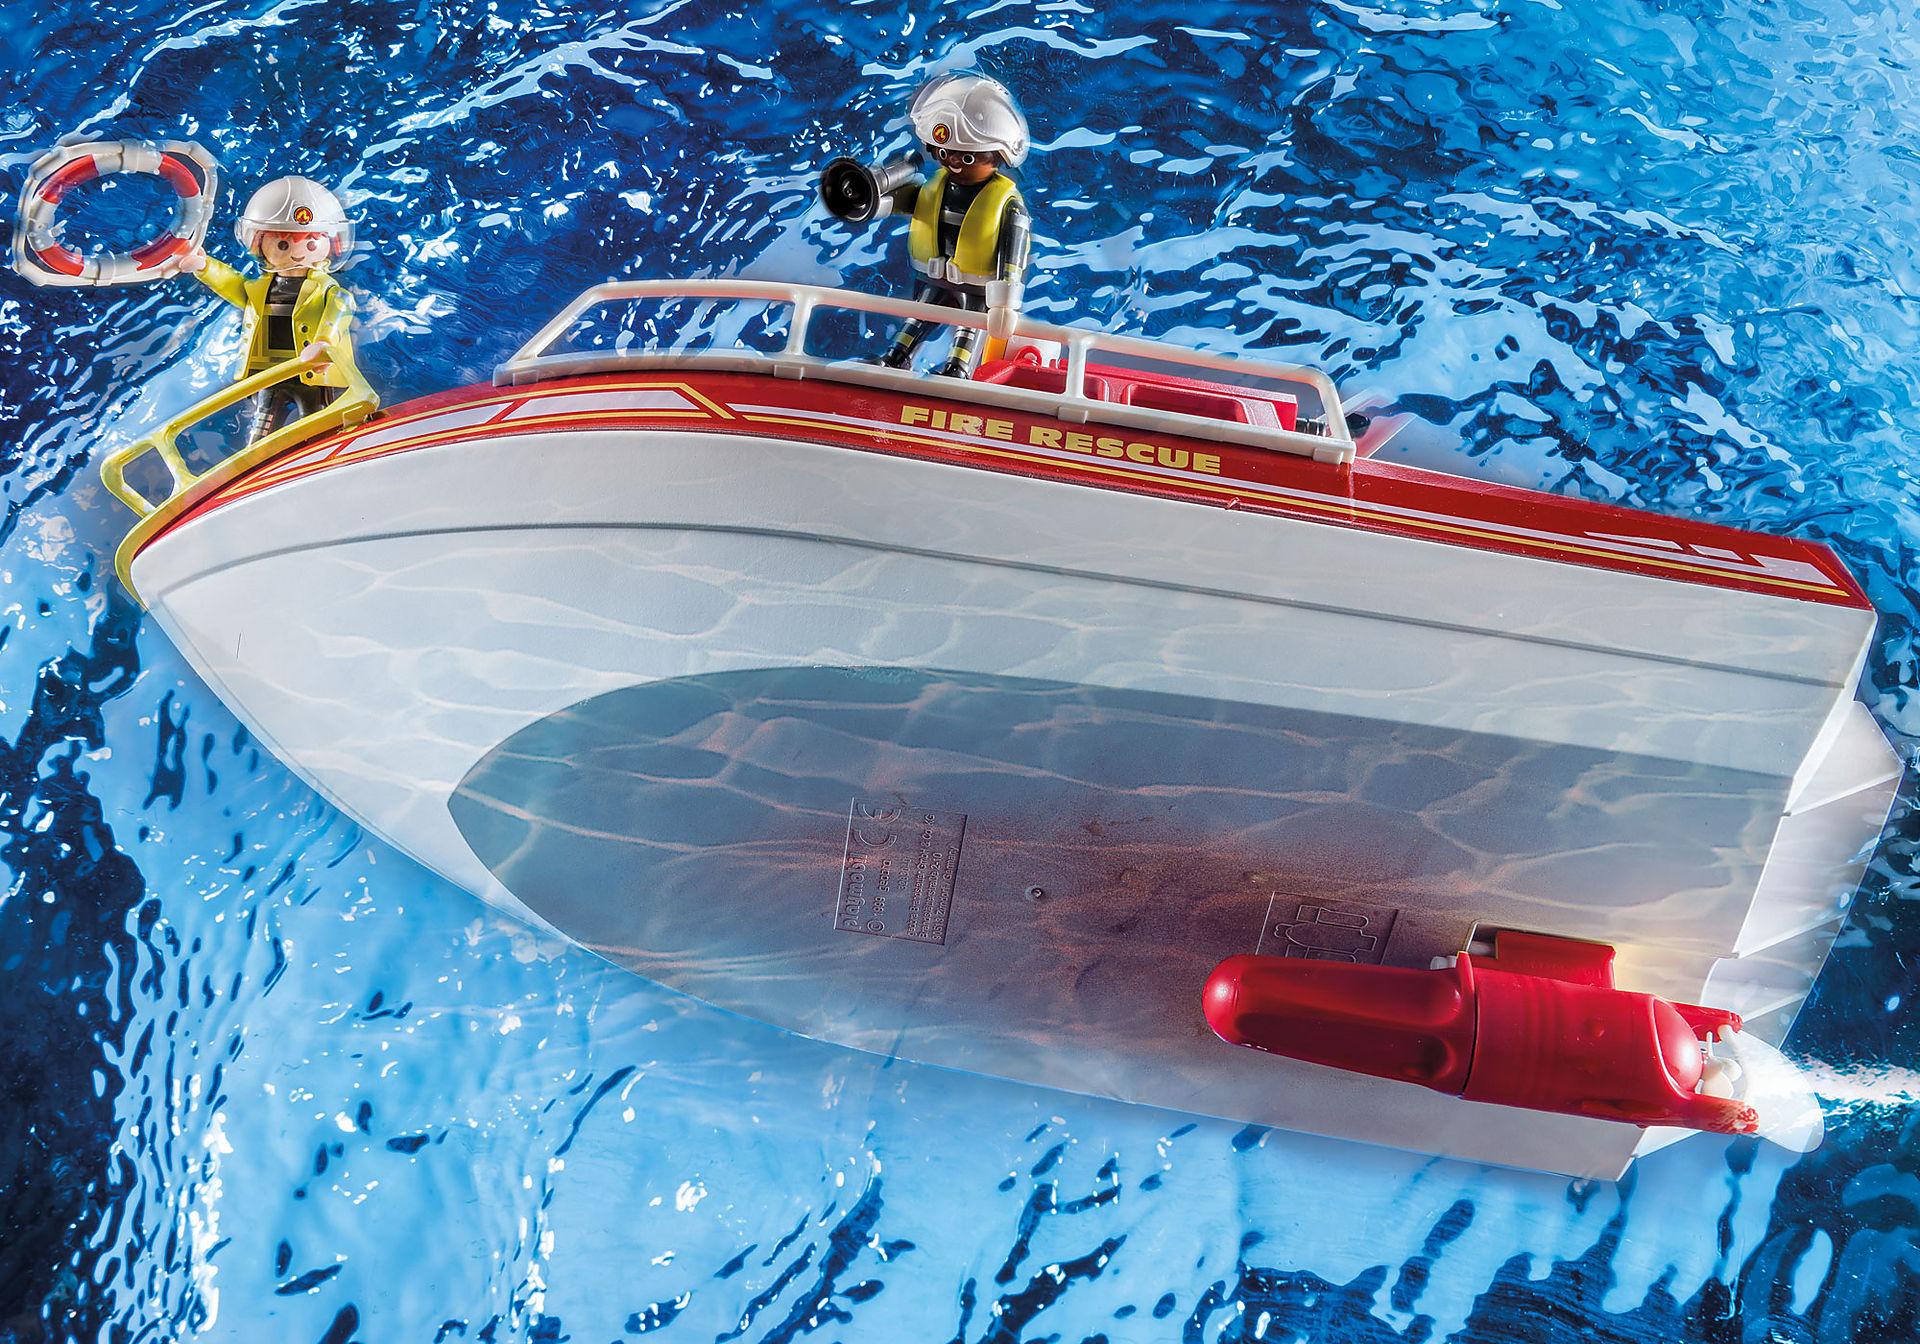 70147 Πυροσβεστικό Σκάφος Διάσωσης zoom image6